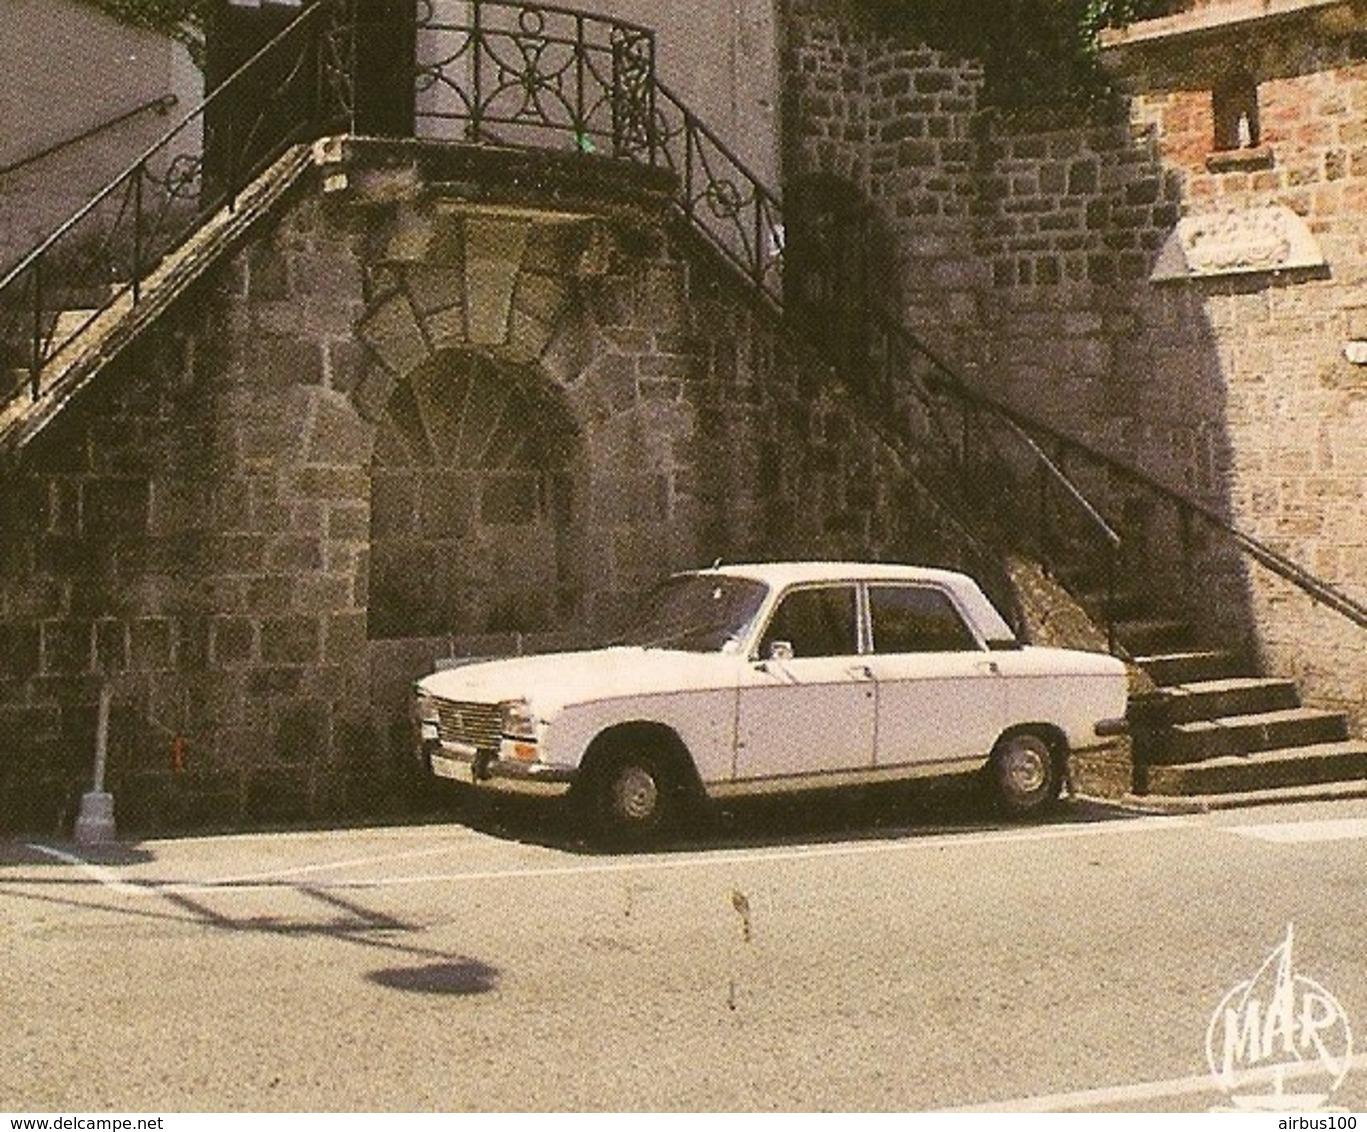 06 - THÉOULE Sur MER ÉGLISE SAINTE GERMAINE - PEUGEOT 304 BERLINE - ZOOM - Passenger Cars